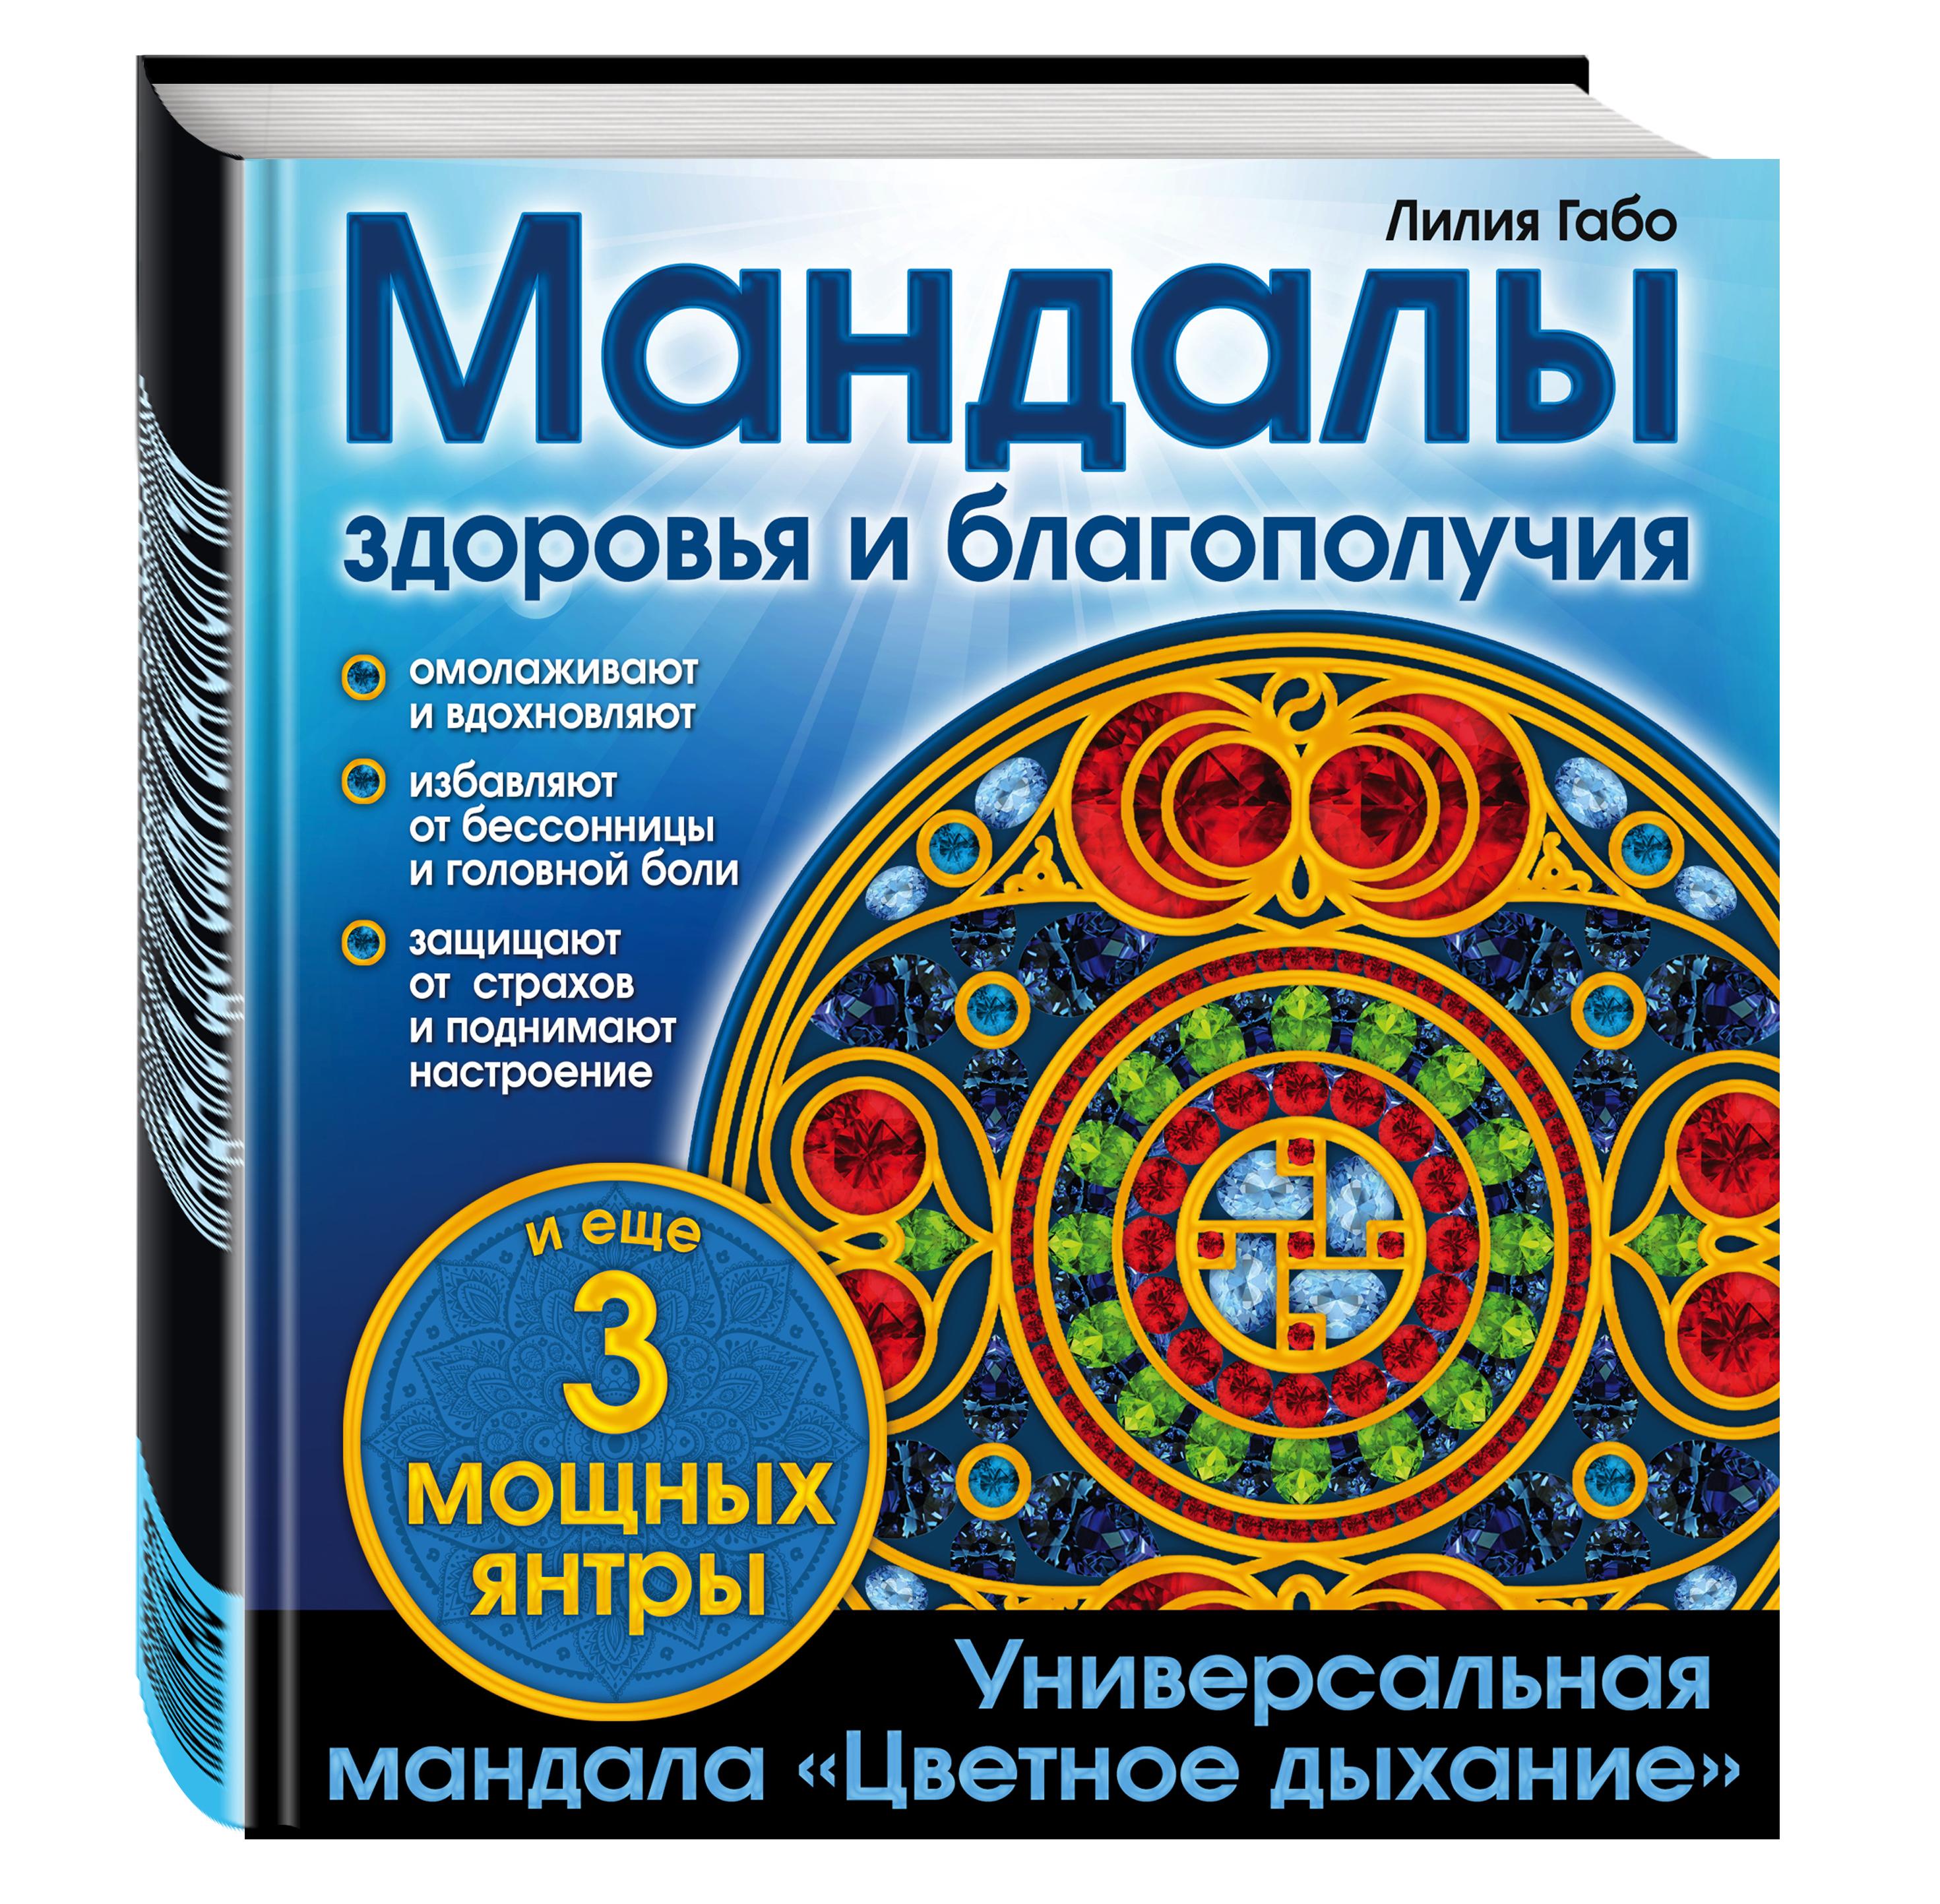 лилия габо мандалы новый способ бросить курить раскраска Лилия Габо Мандалы здоровья и благополучия. (альбом-раскраска)